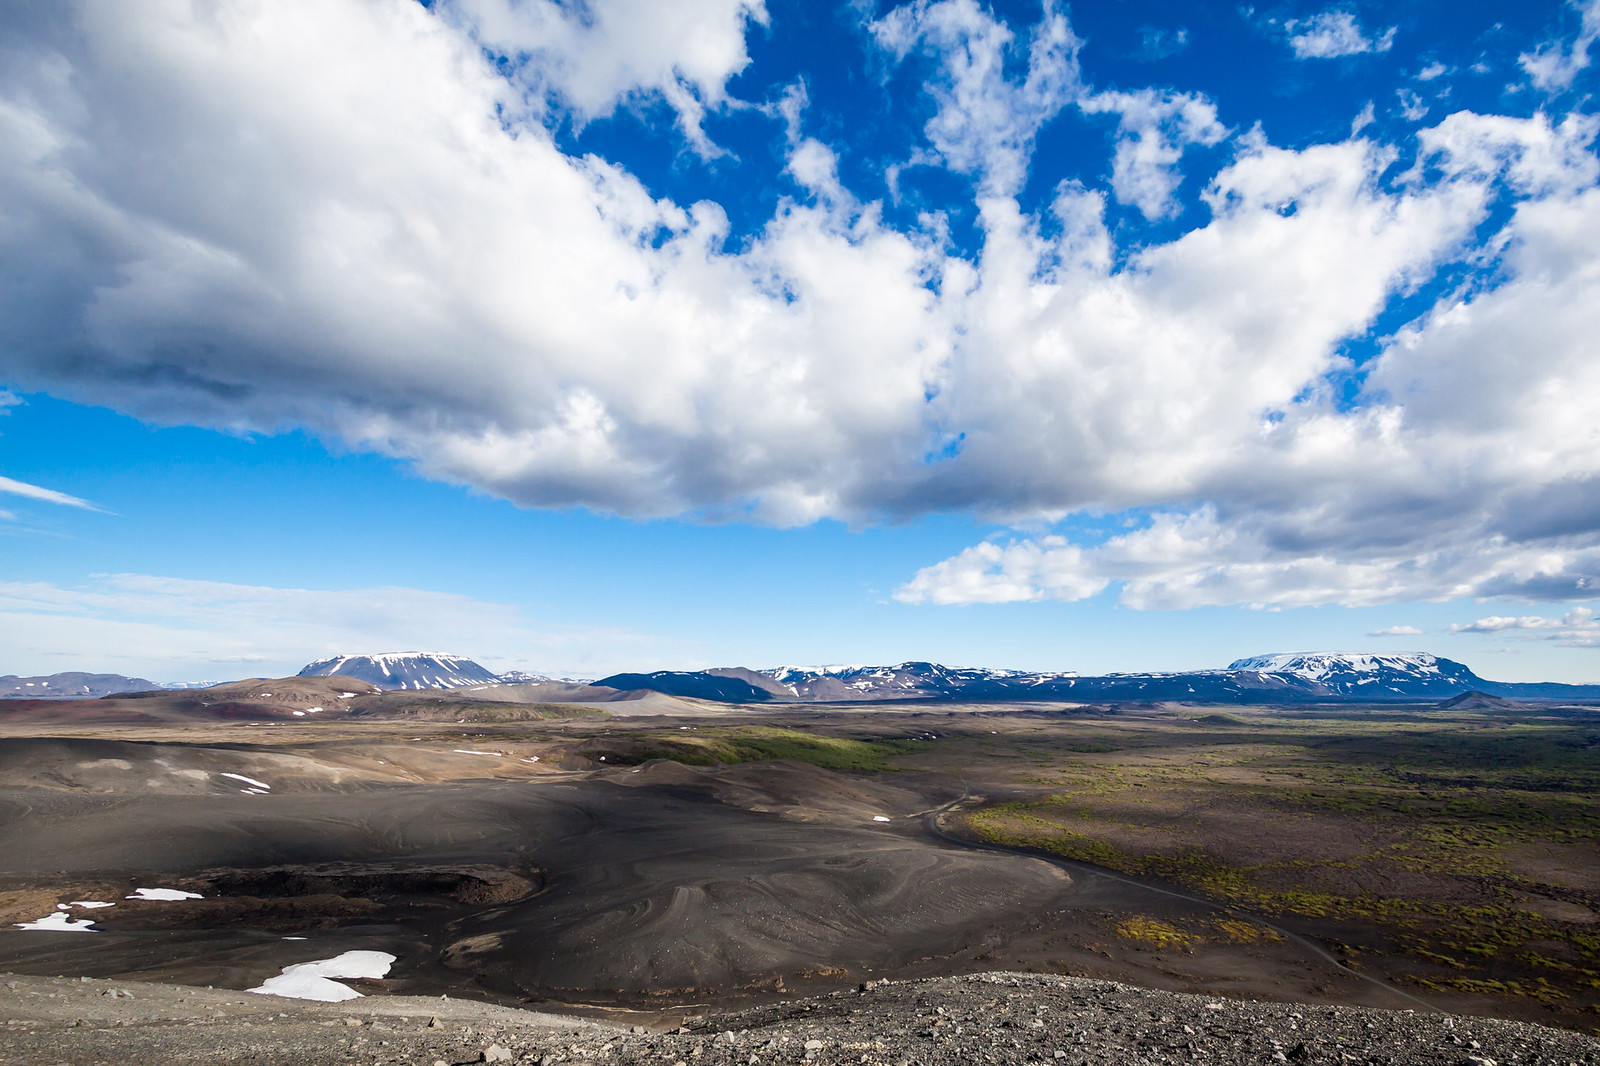 Ісландські нотатки. Частина 10: Озеро Міватн, водоспад Деттіфосс, кратер Хверфйялл і всі, всі, всі